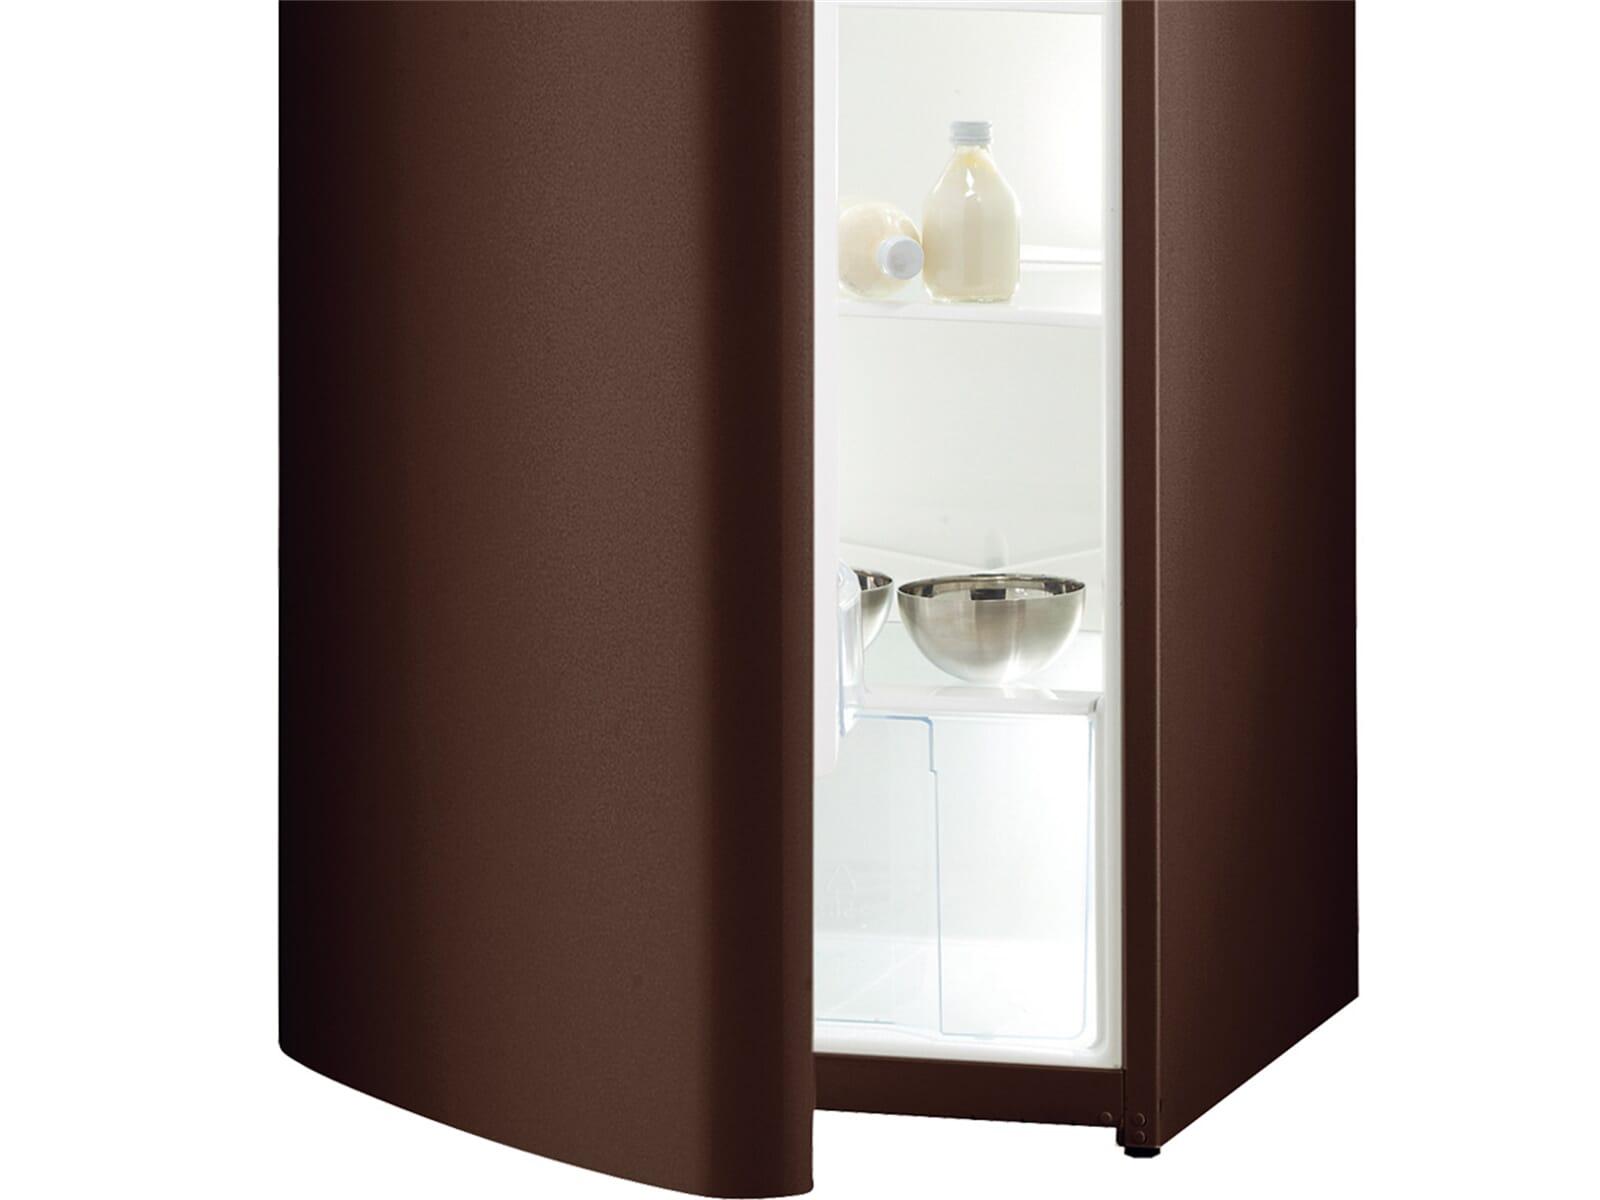 Gorenje Kühlschrank Retro Schwarz : Gorenje kühlgefrierkombinationen günstig kaufen bei mediamarkt